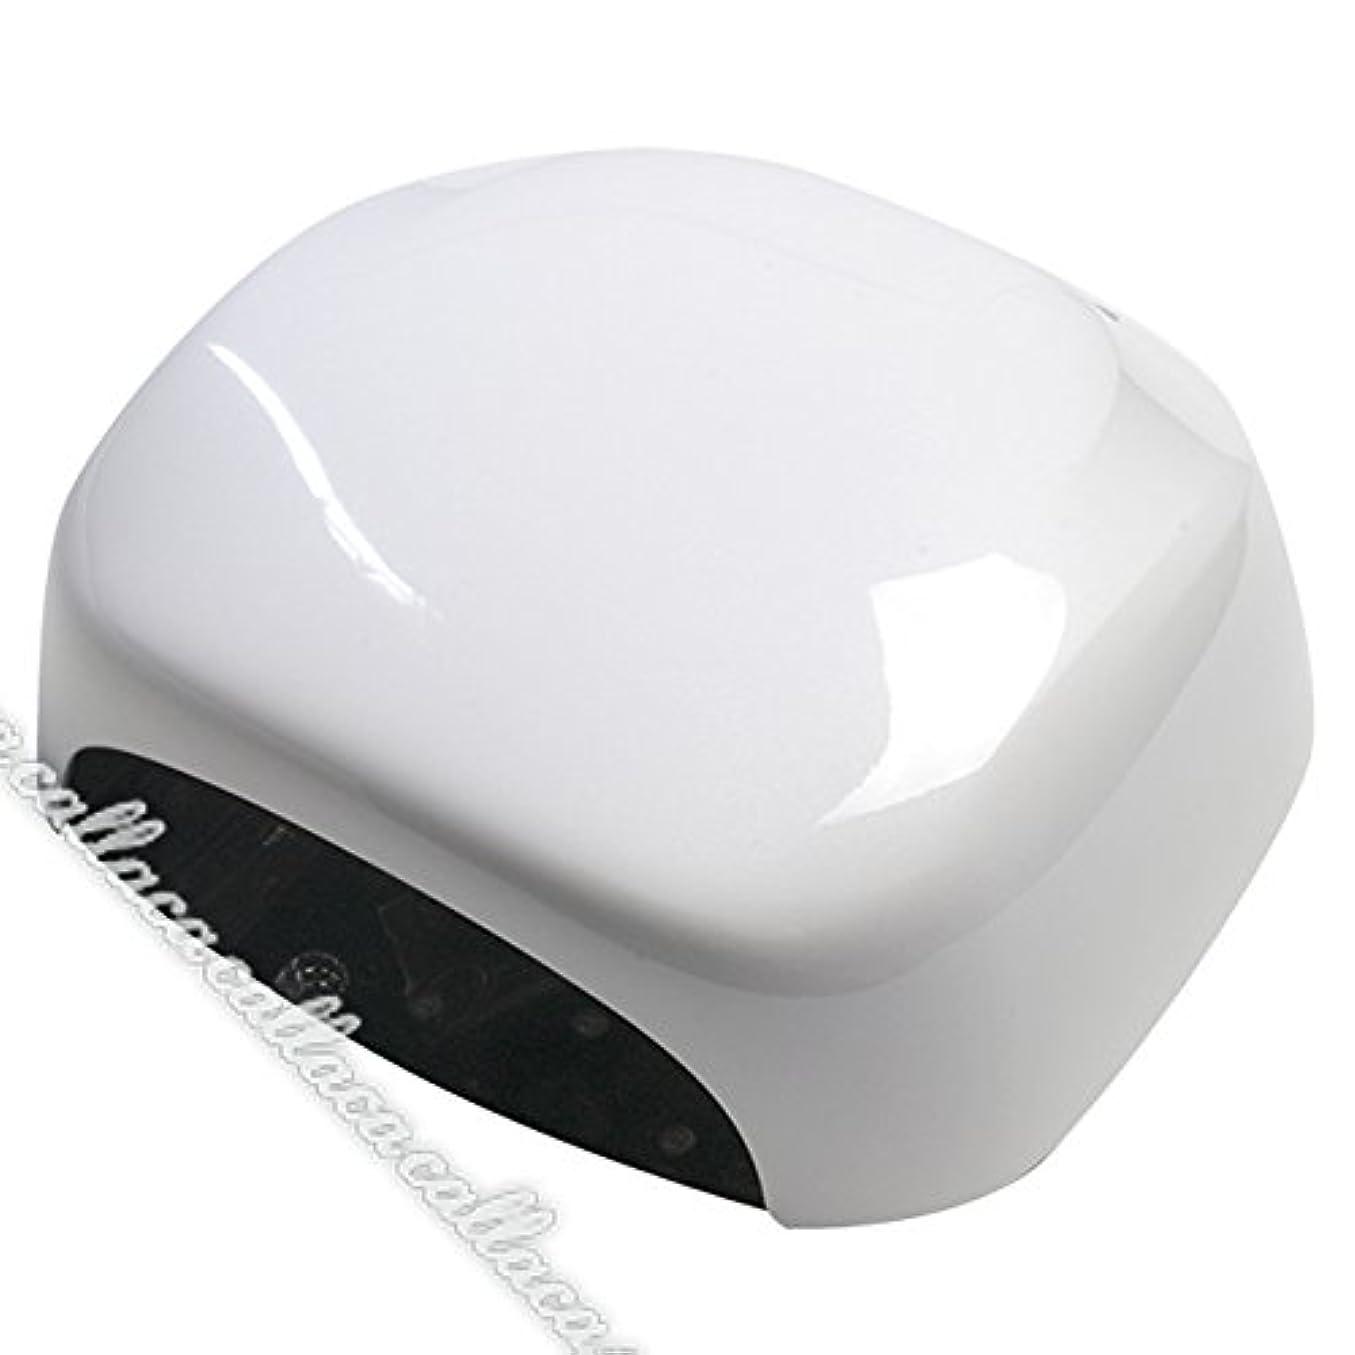 無線数学者持続的SHAREYDVA ハイブリッド LEDライト 36W 89458